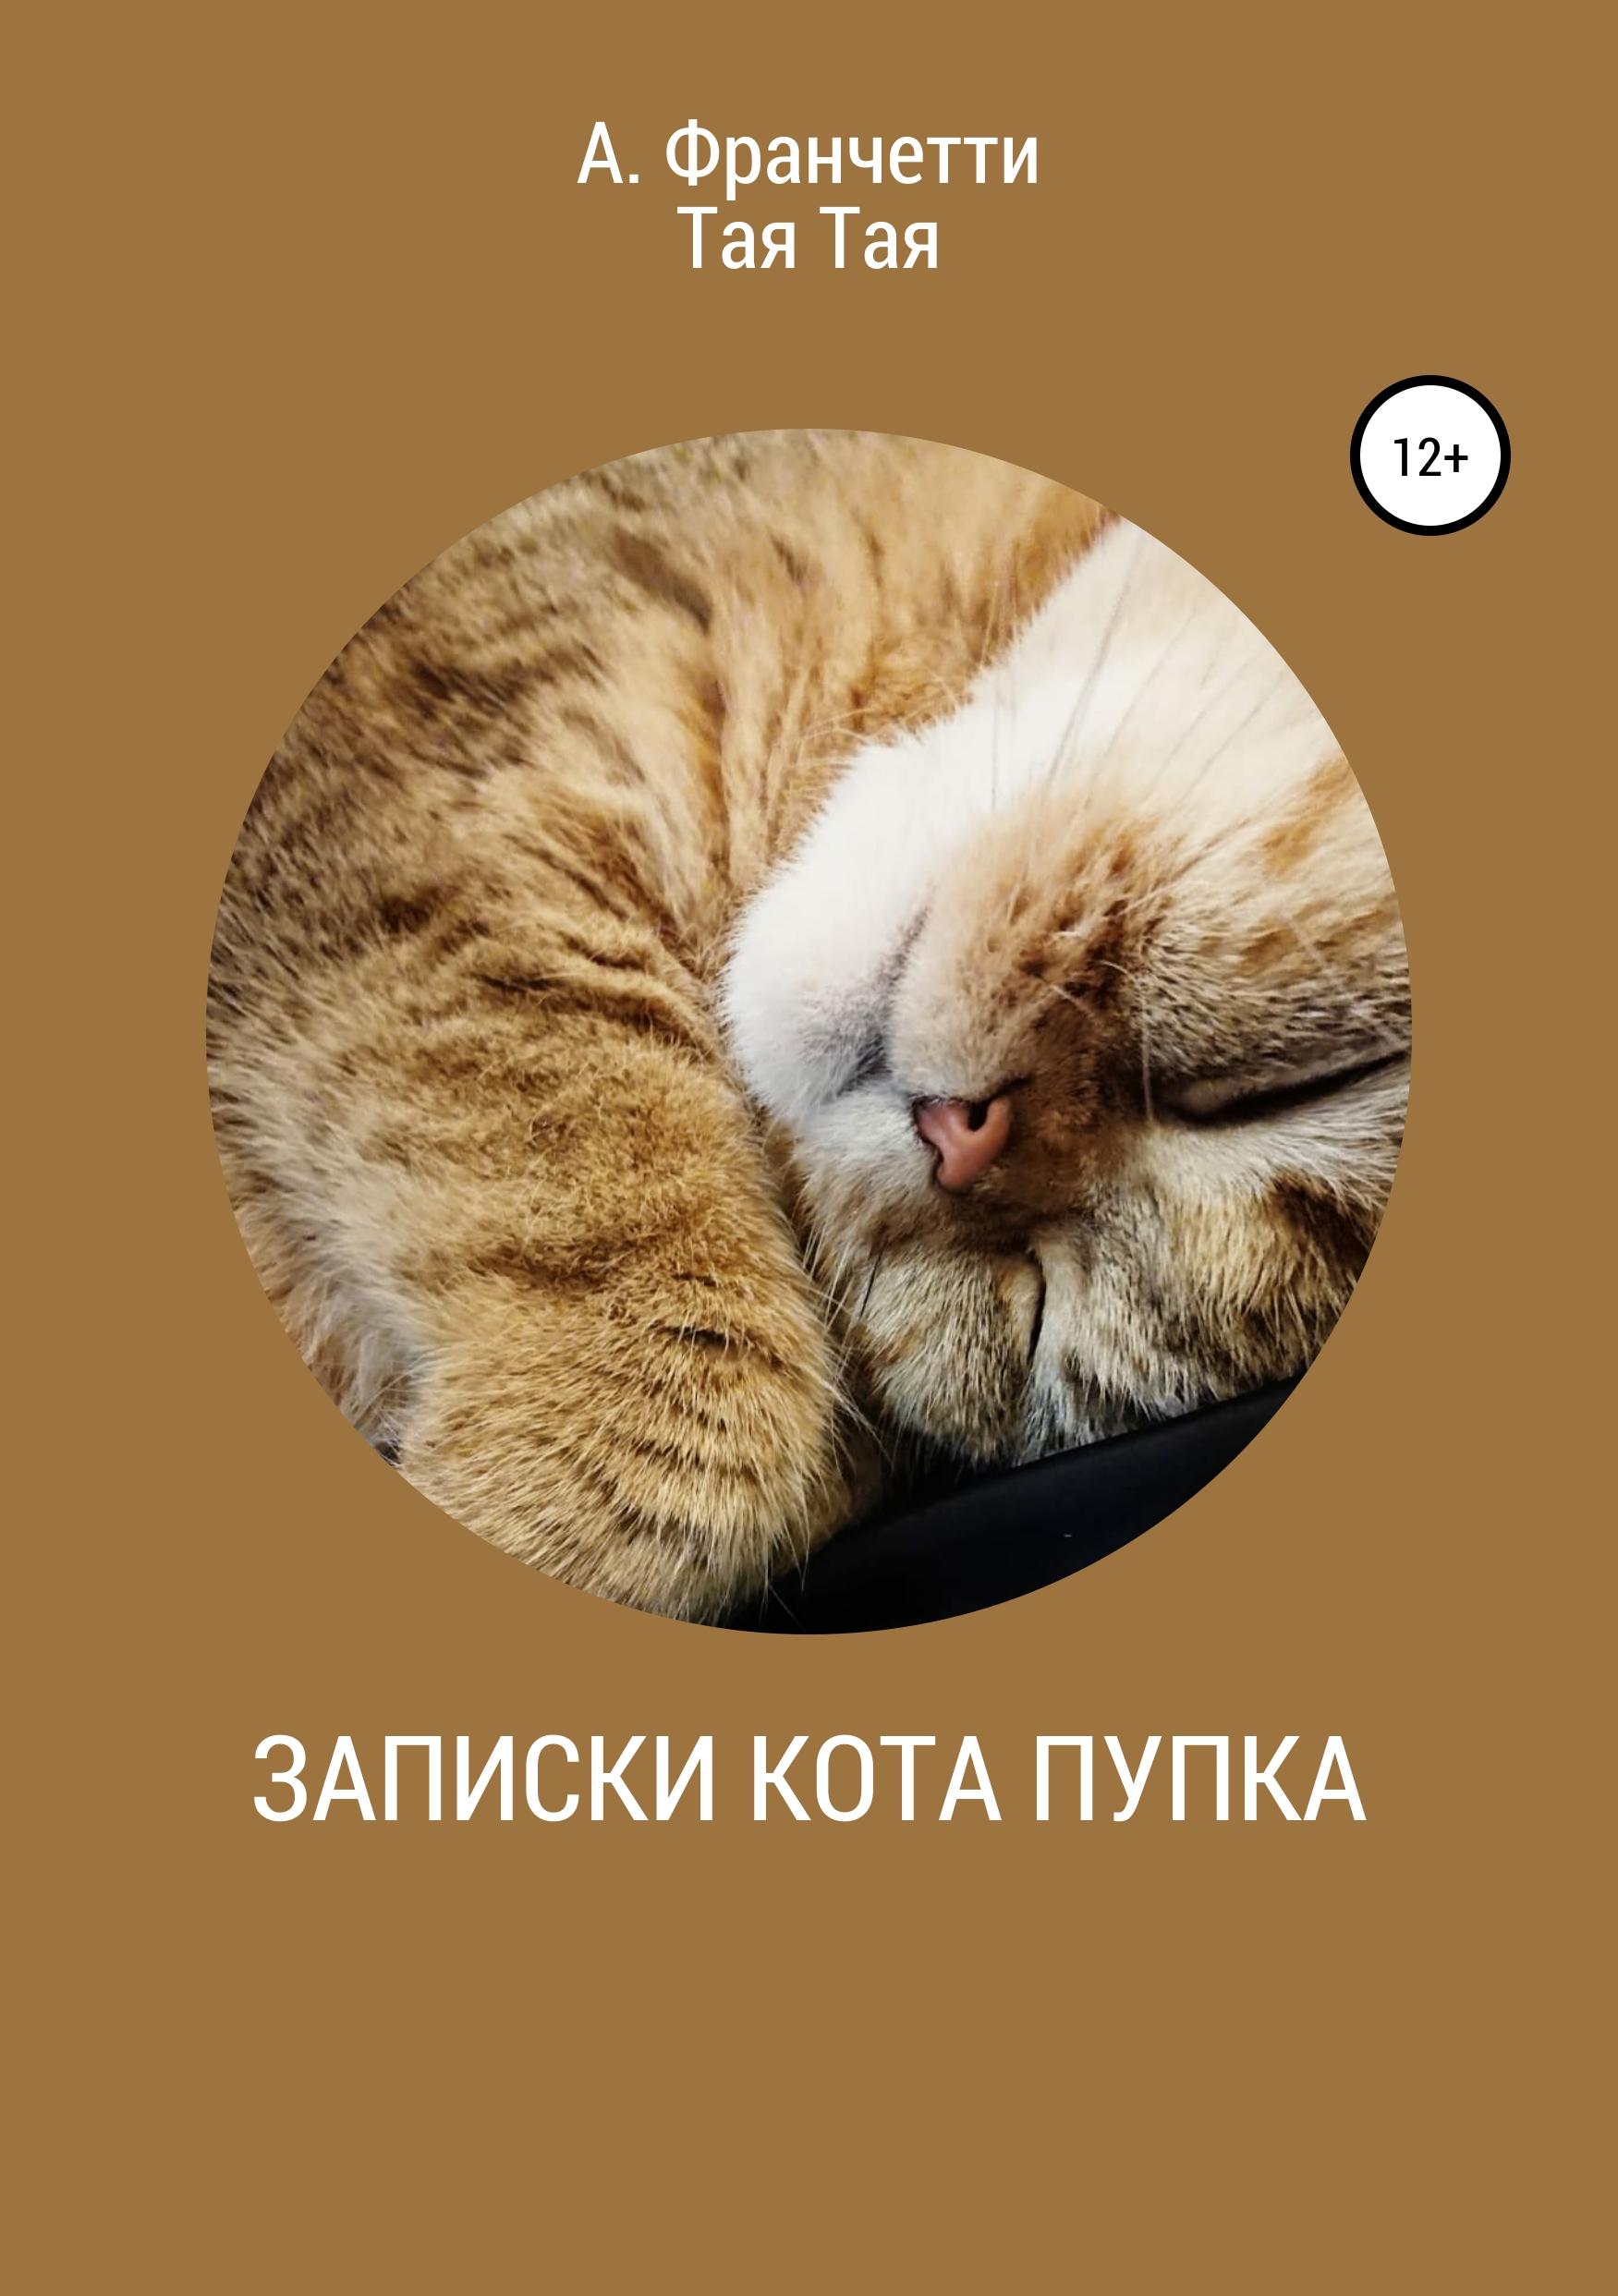 Анастасия Франчетти Записки кота Пупка украшение для пупка с замочком